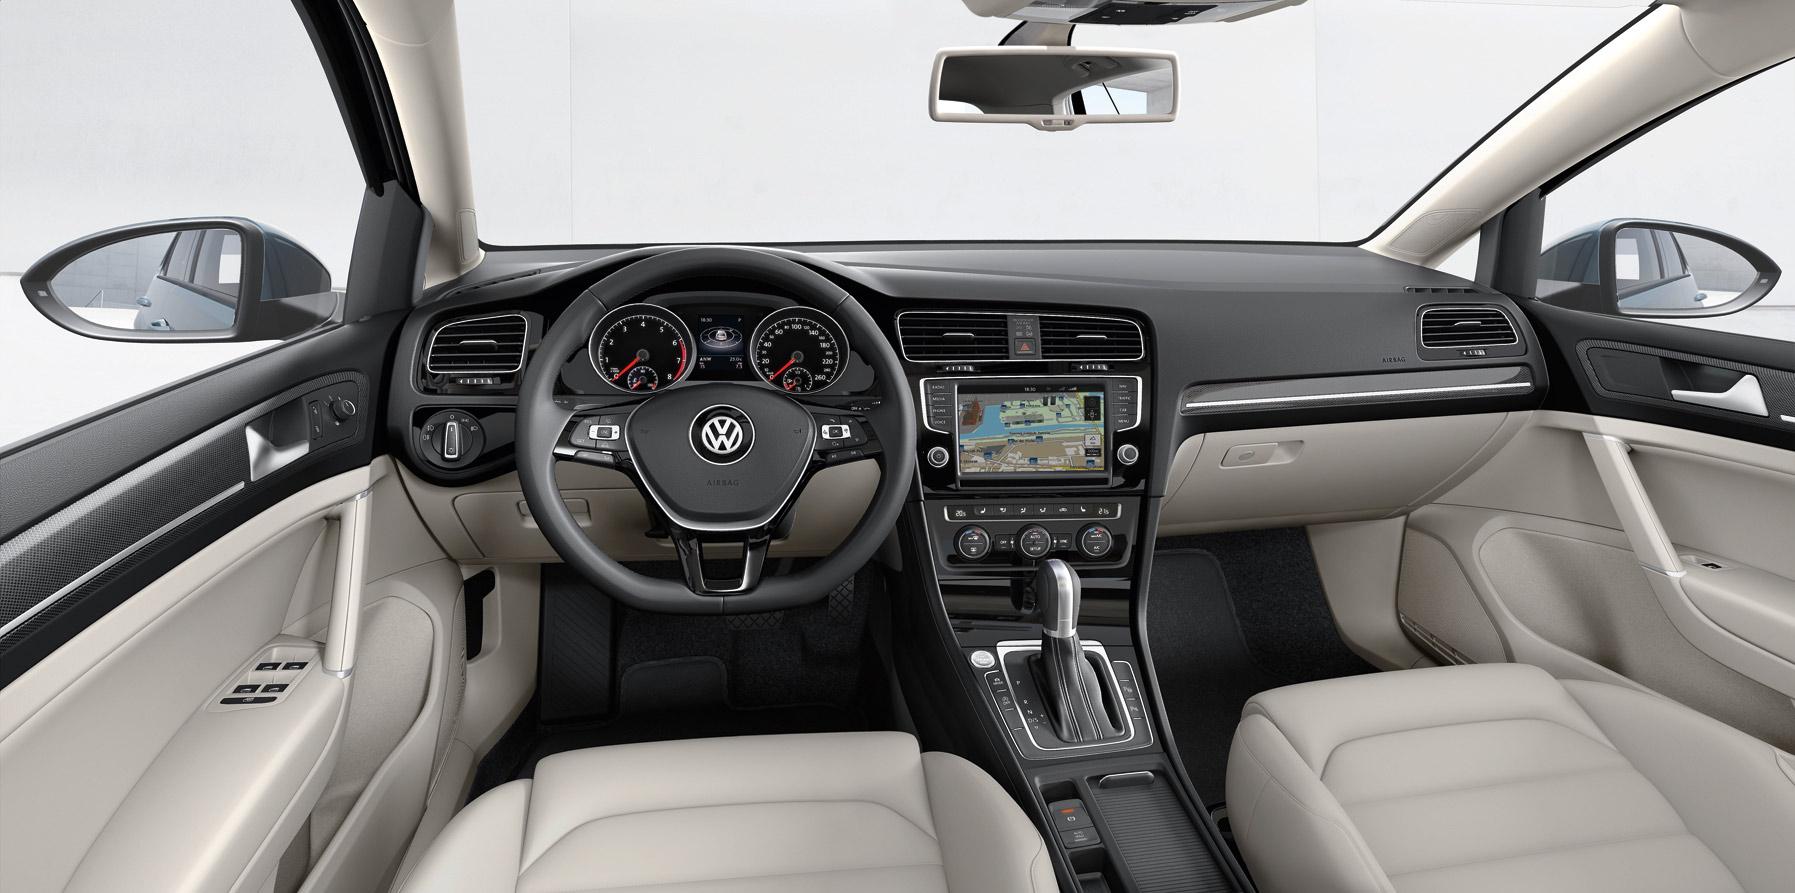 Volkswagen Golf 7 Interior 9 Design